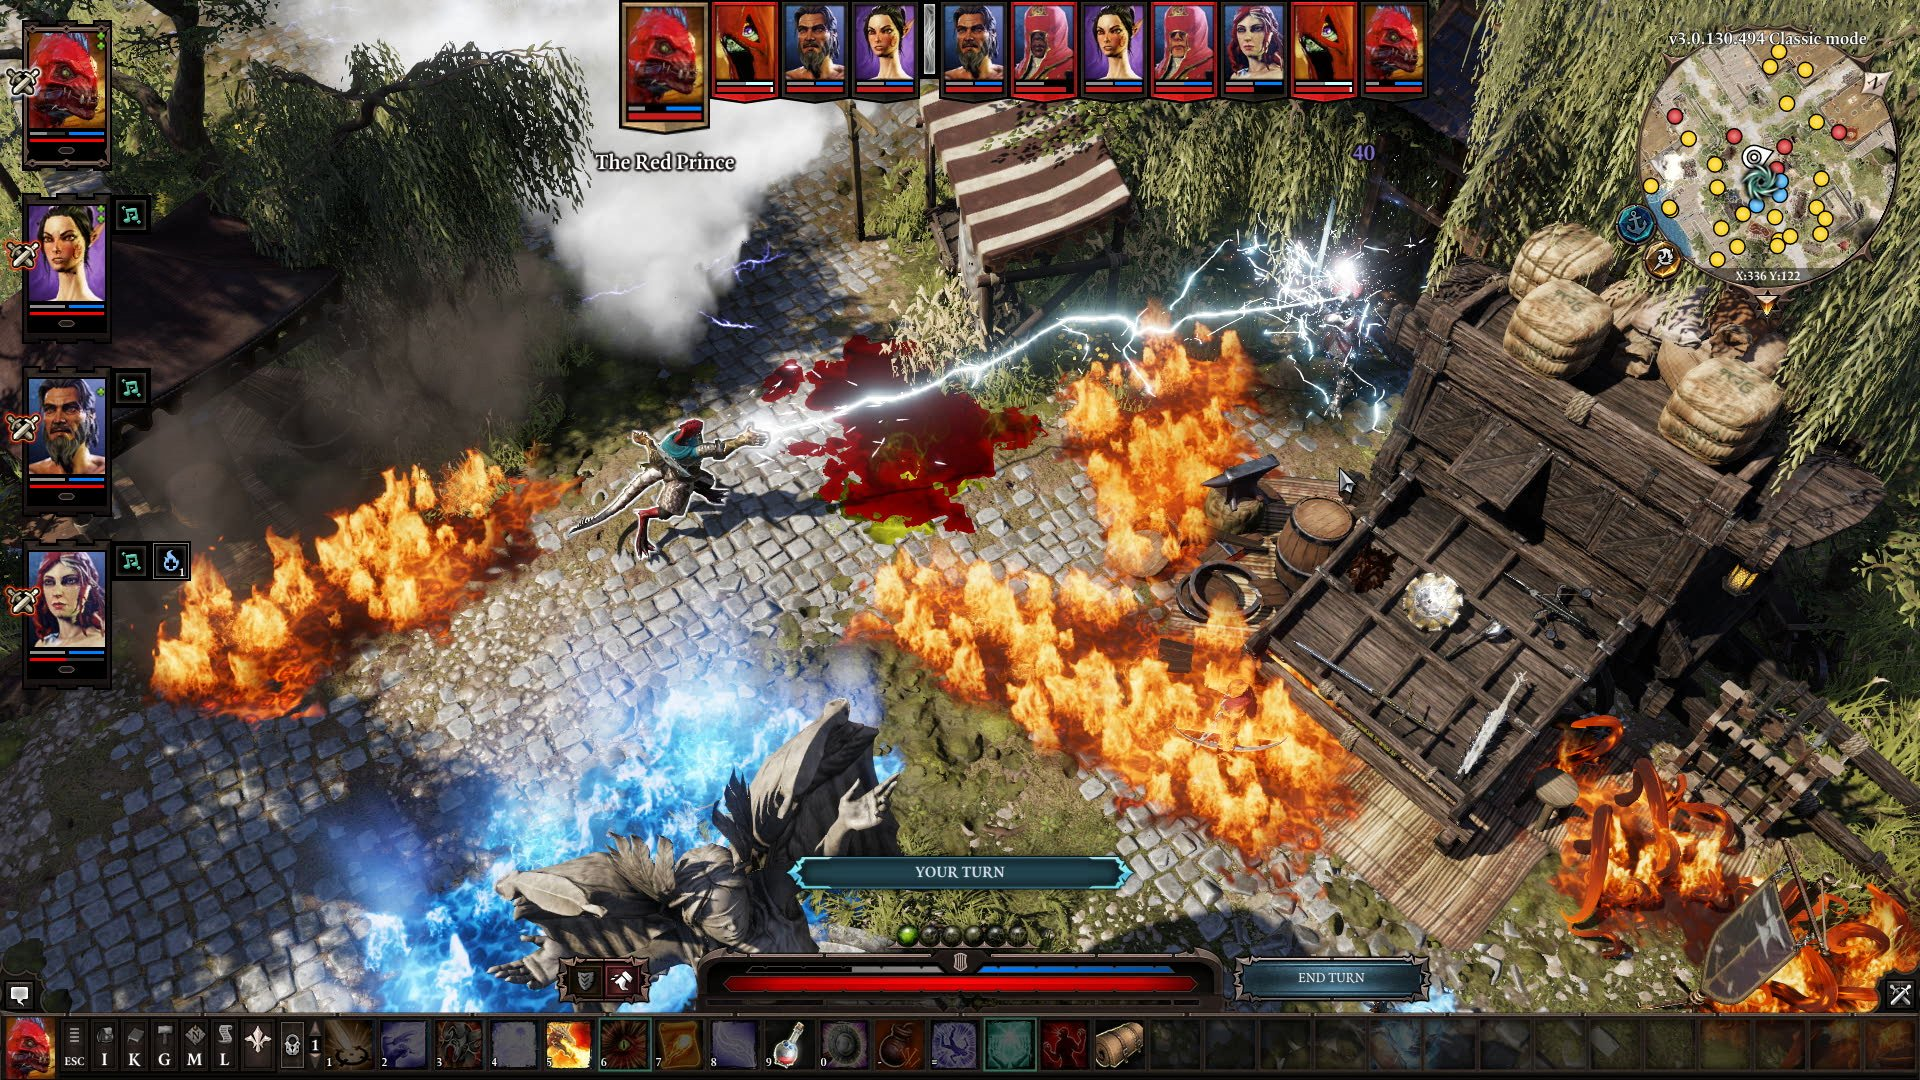 divinity-original-sin-2--screenshots-larian-studios-crpg-rpg-turn-based-co-op-fantasy-adventure-indie-pc-steam-gog